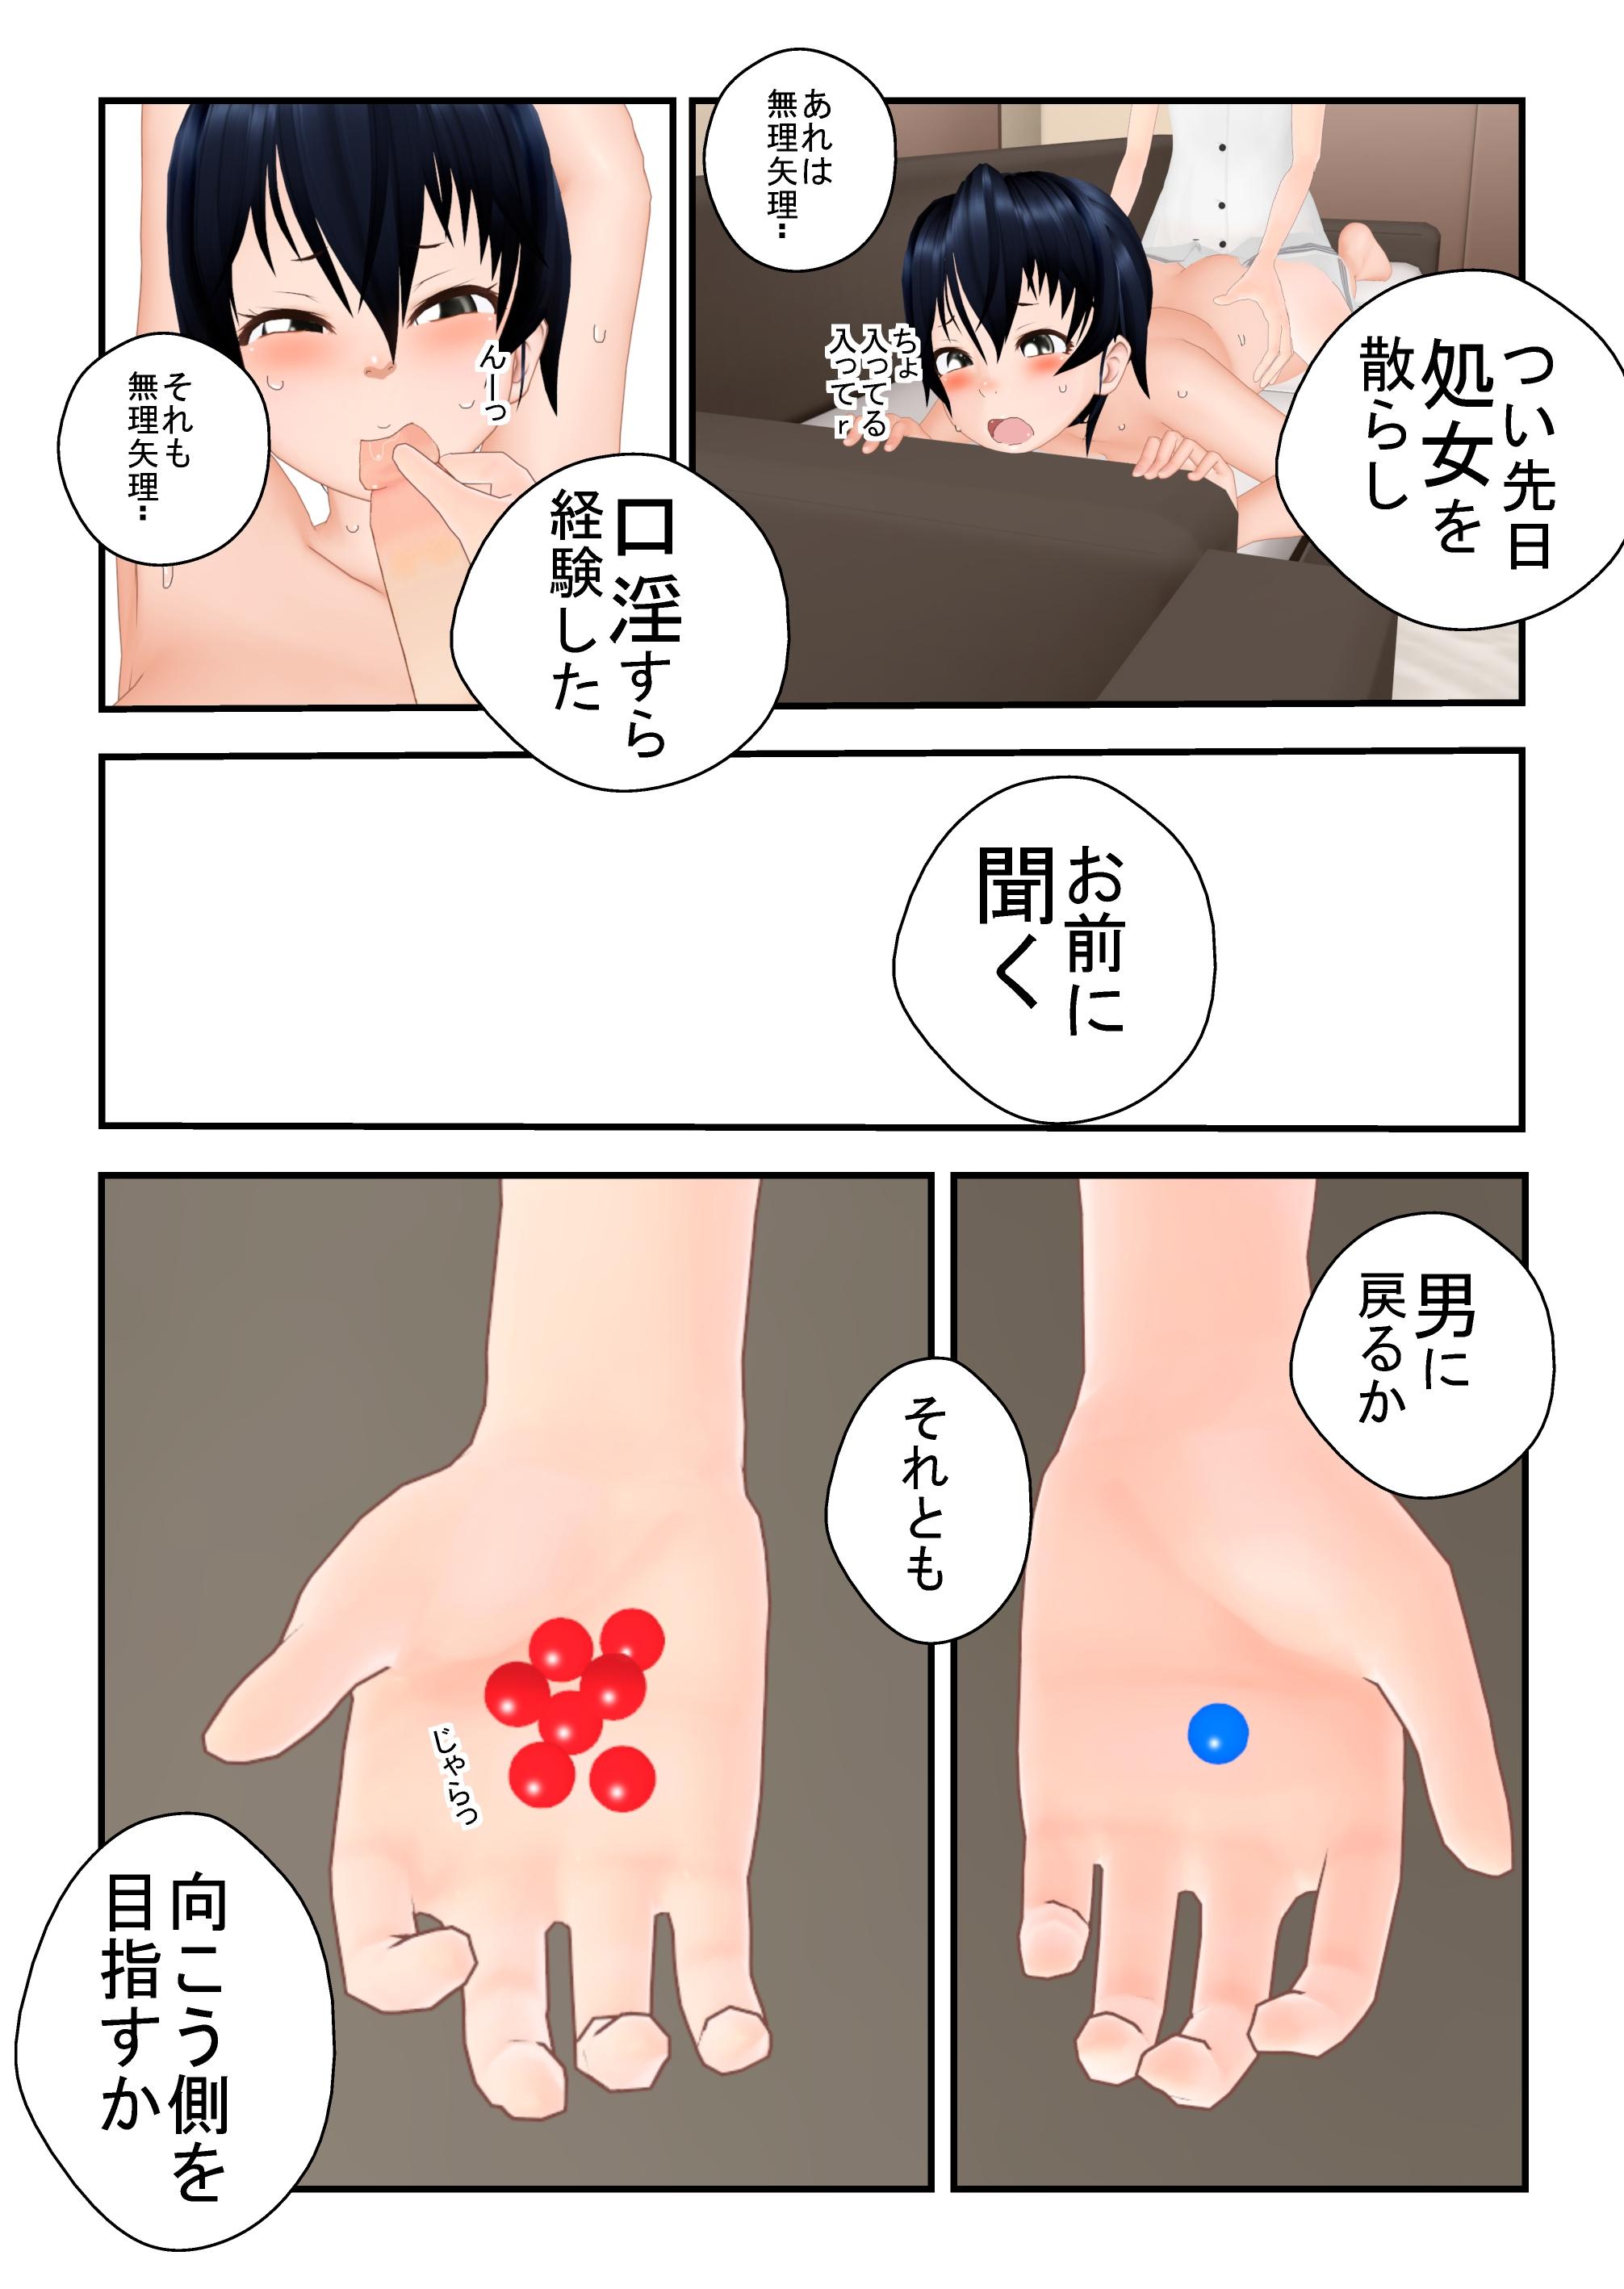 okusuri_0019.jpg